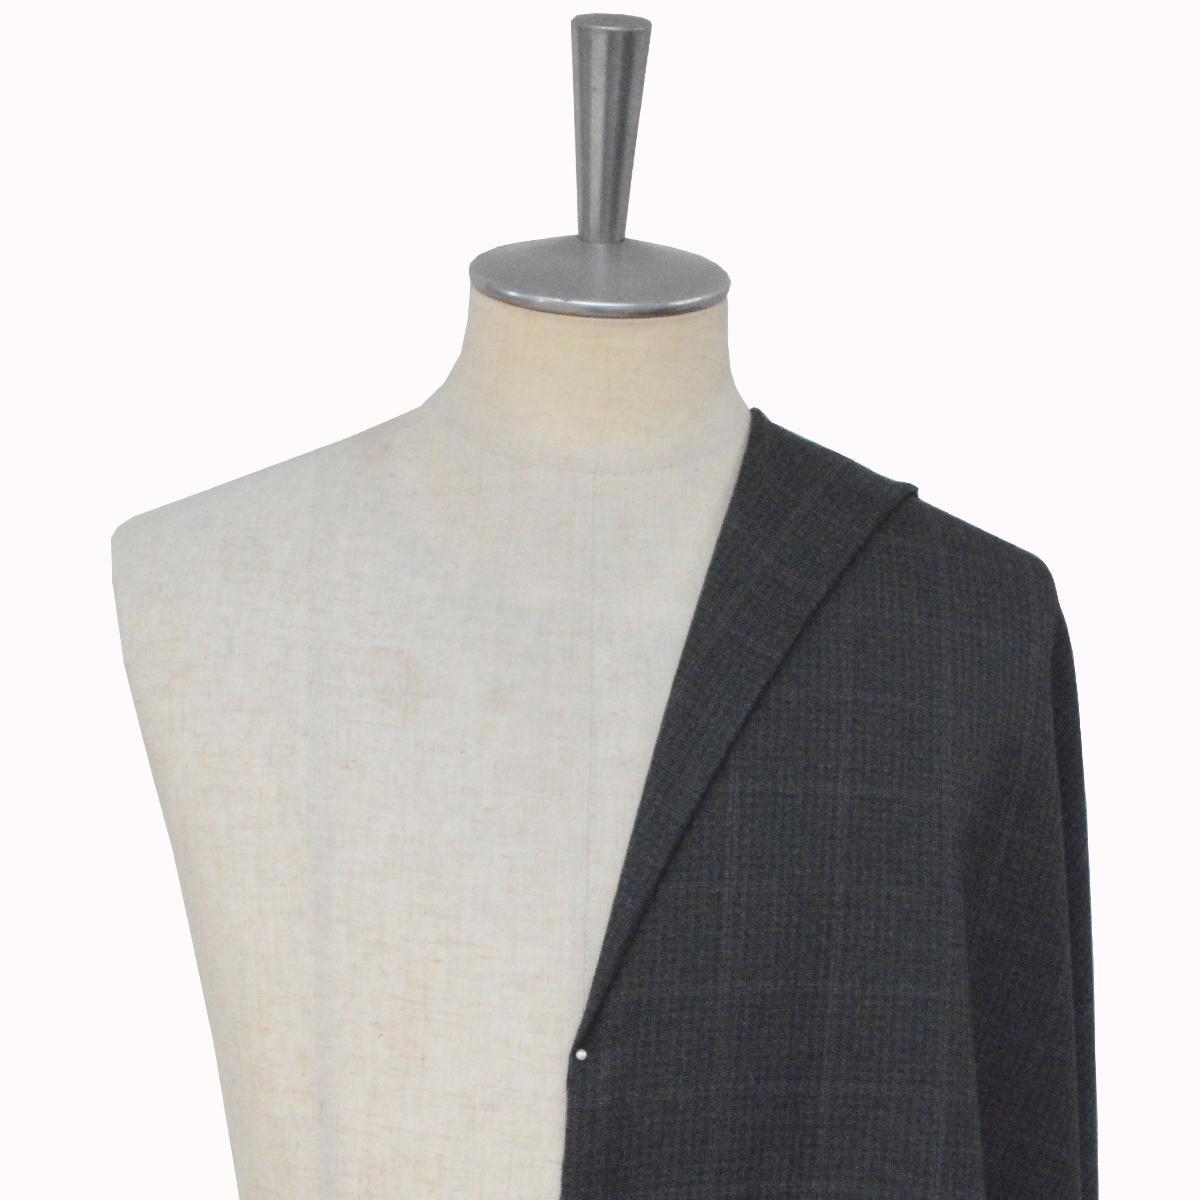 [オーダーレディーススーツ スカートセット]グレー×レッドのチェック柄で大人の魅力を